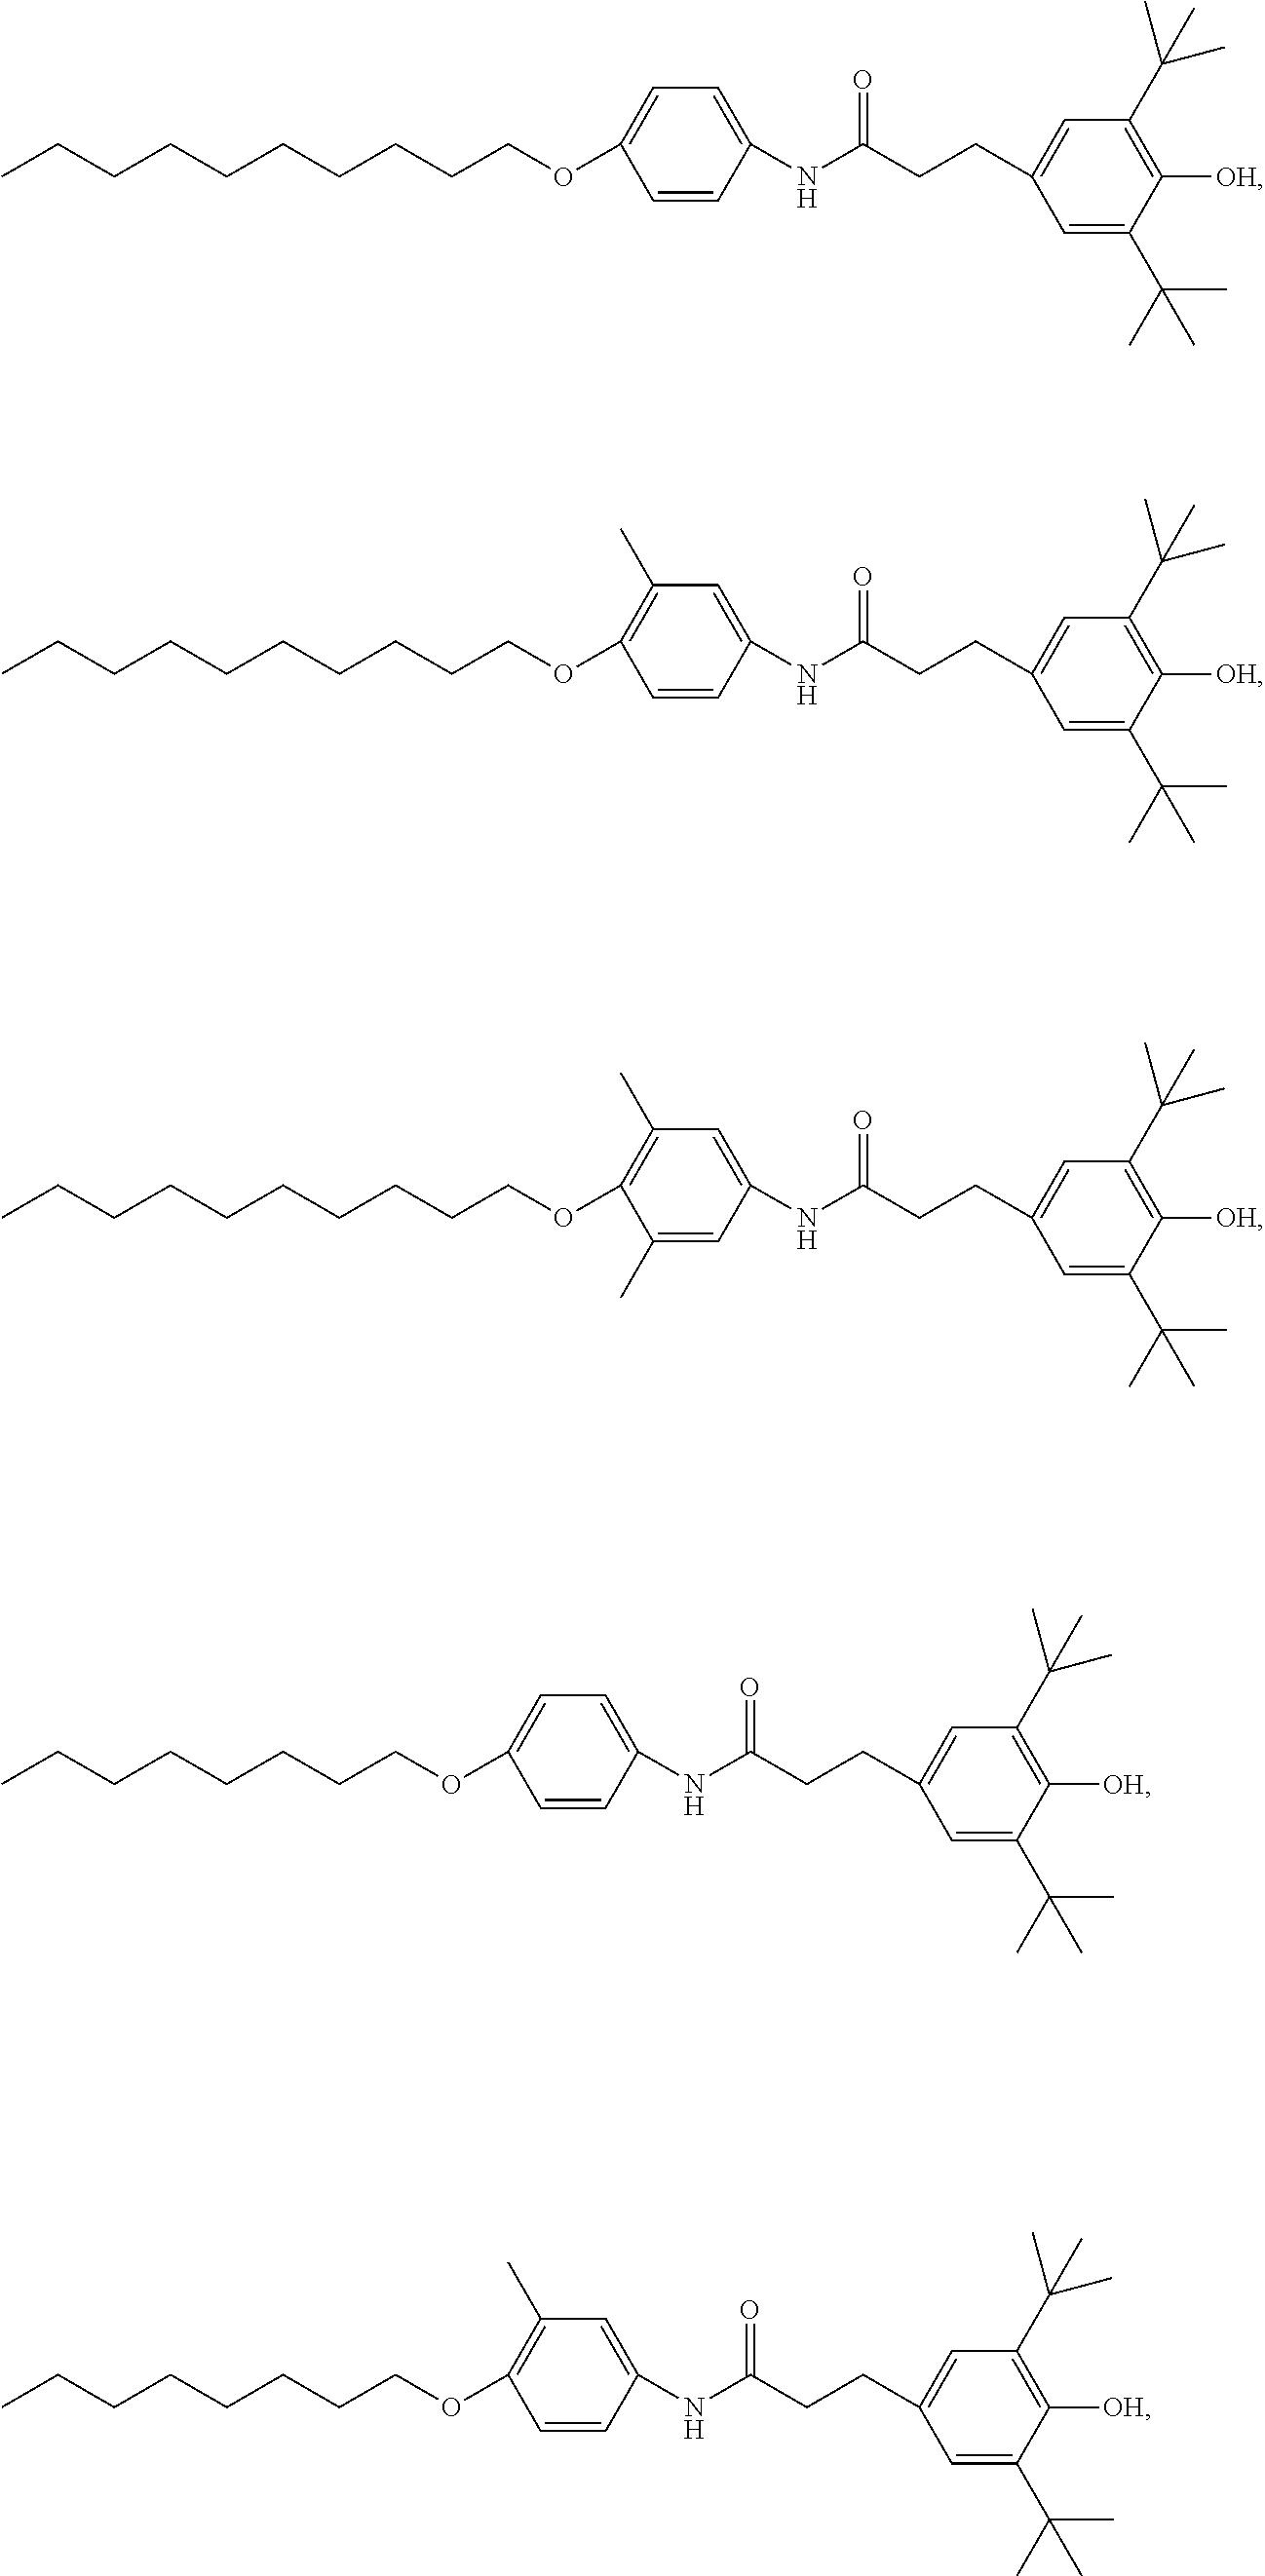 Figure US09523060-20161220-C00096